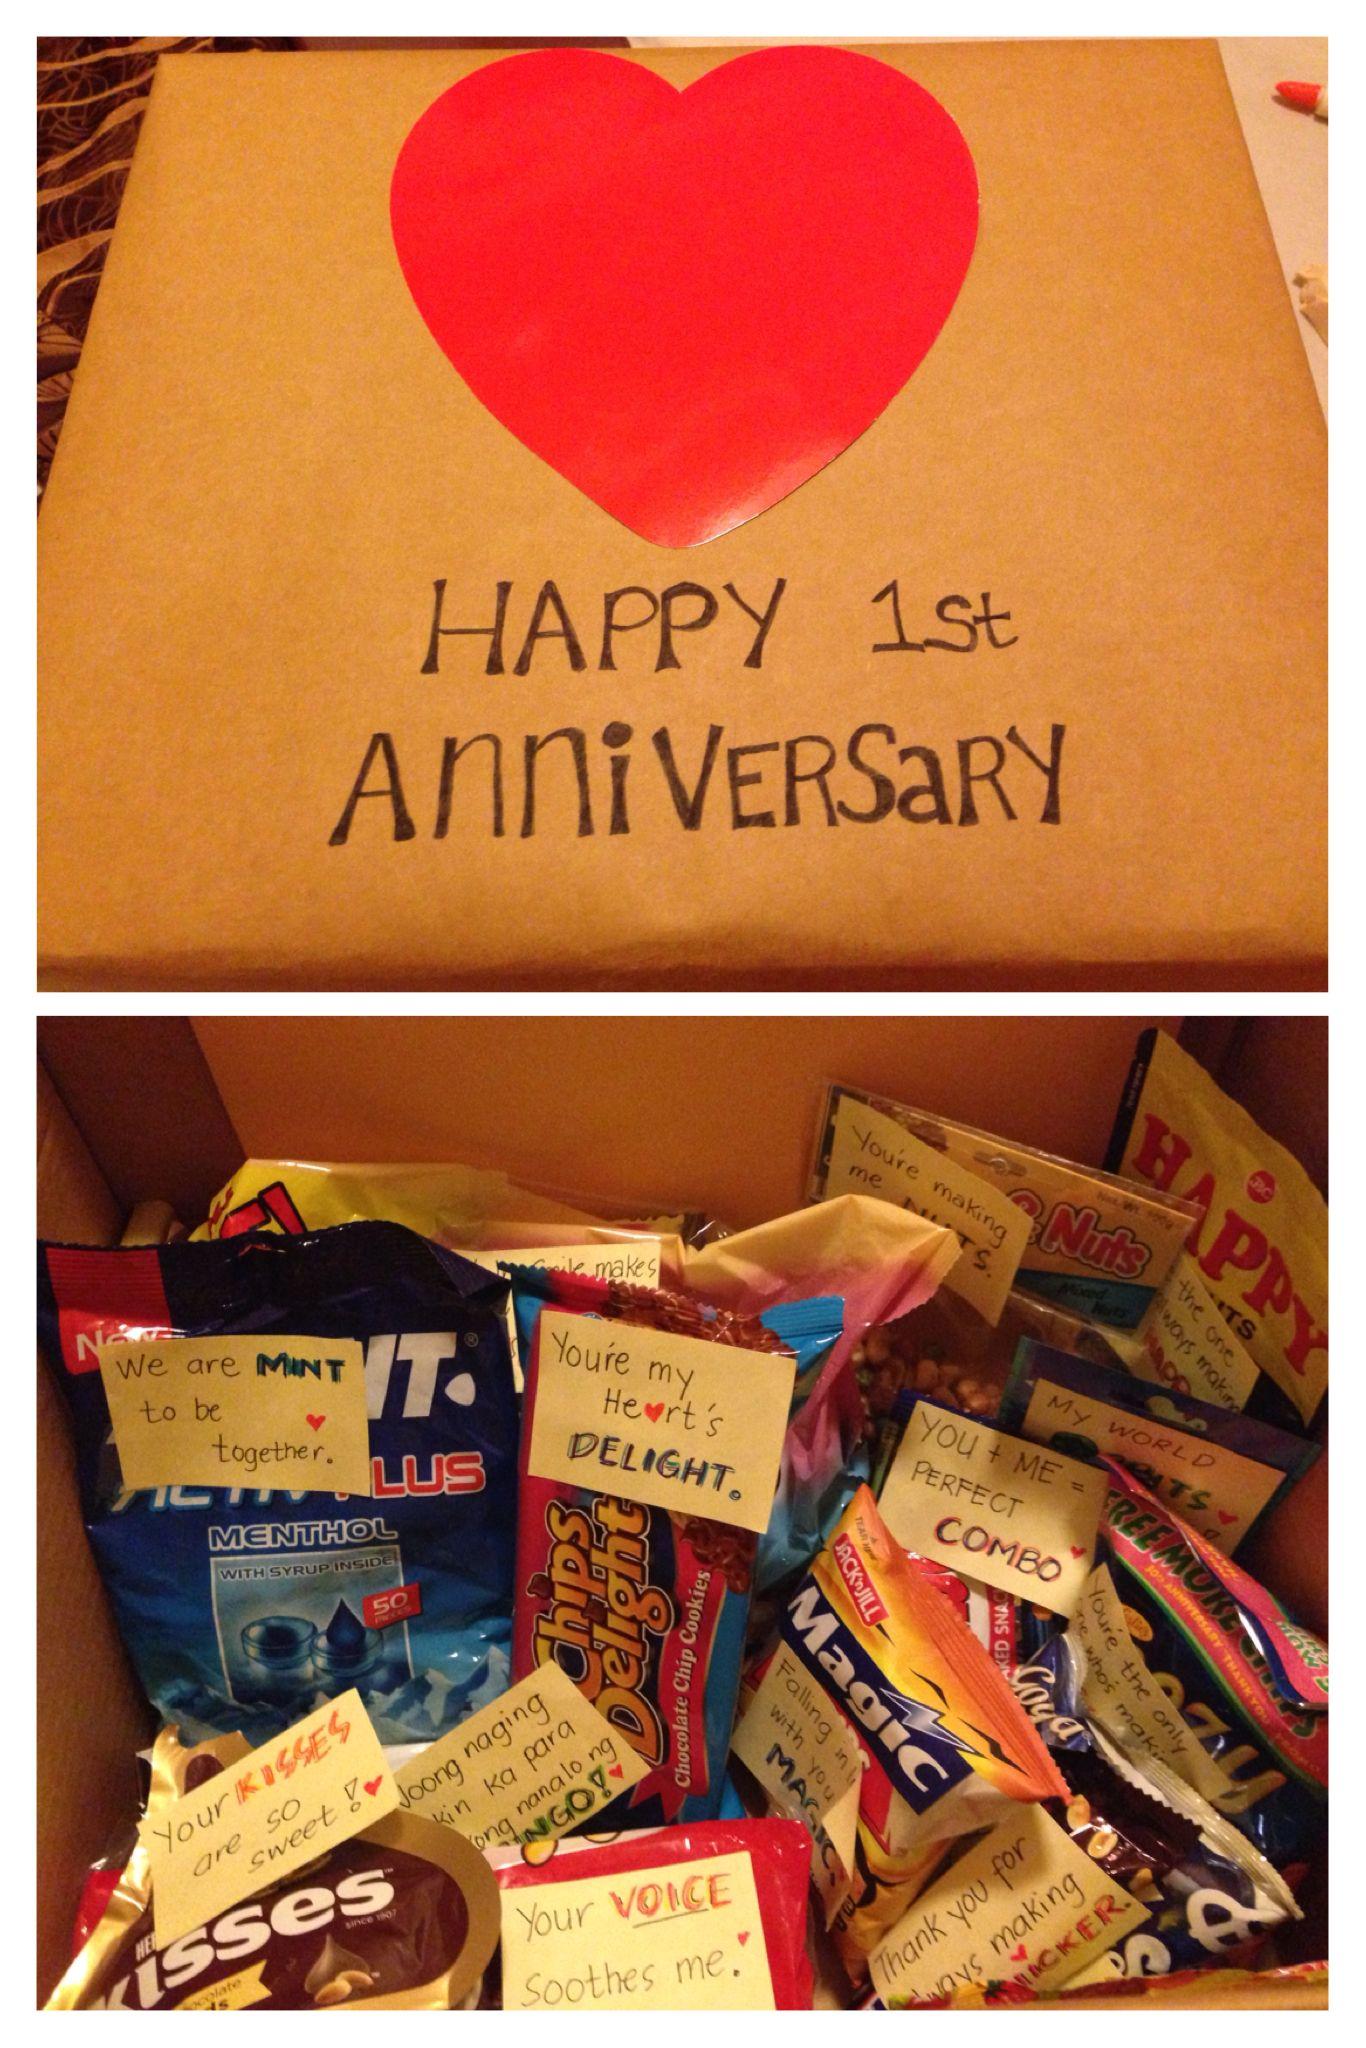 My First Anniversary Gift to my boyfriend. First